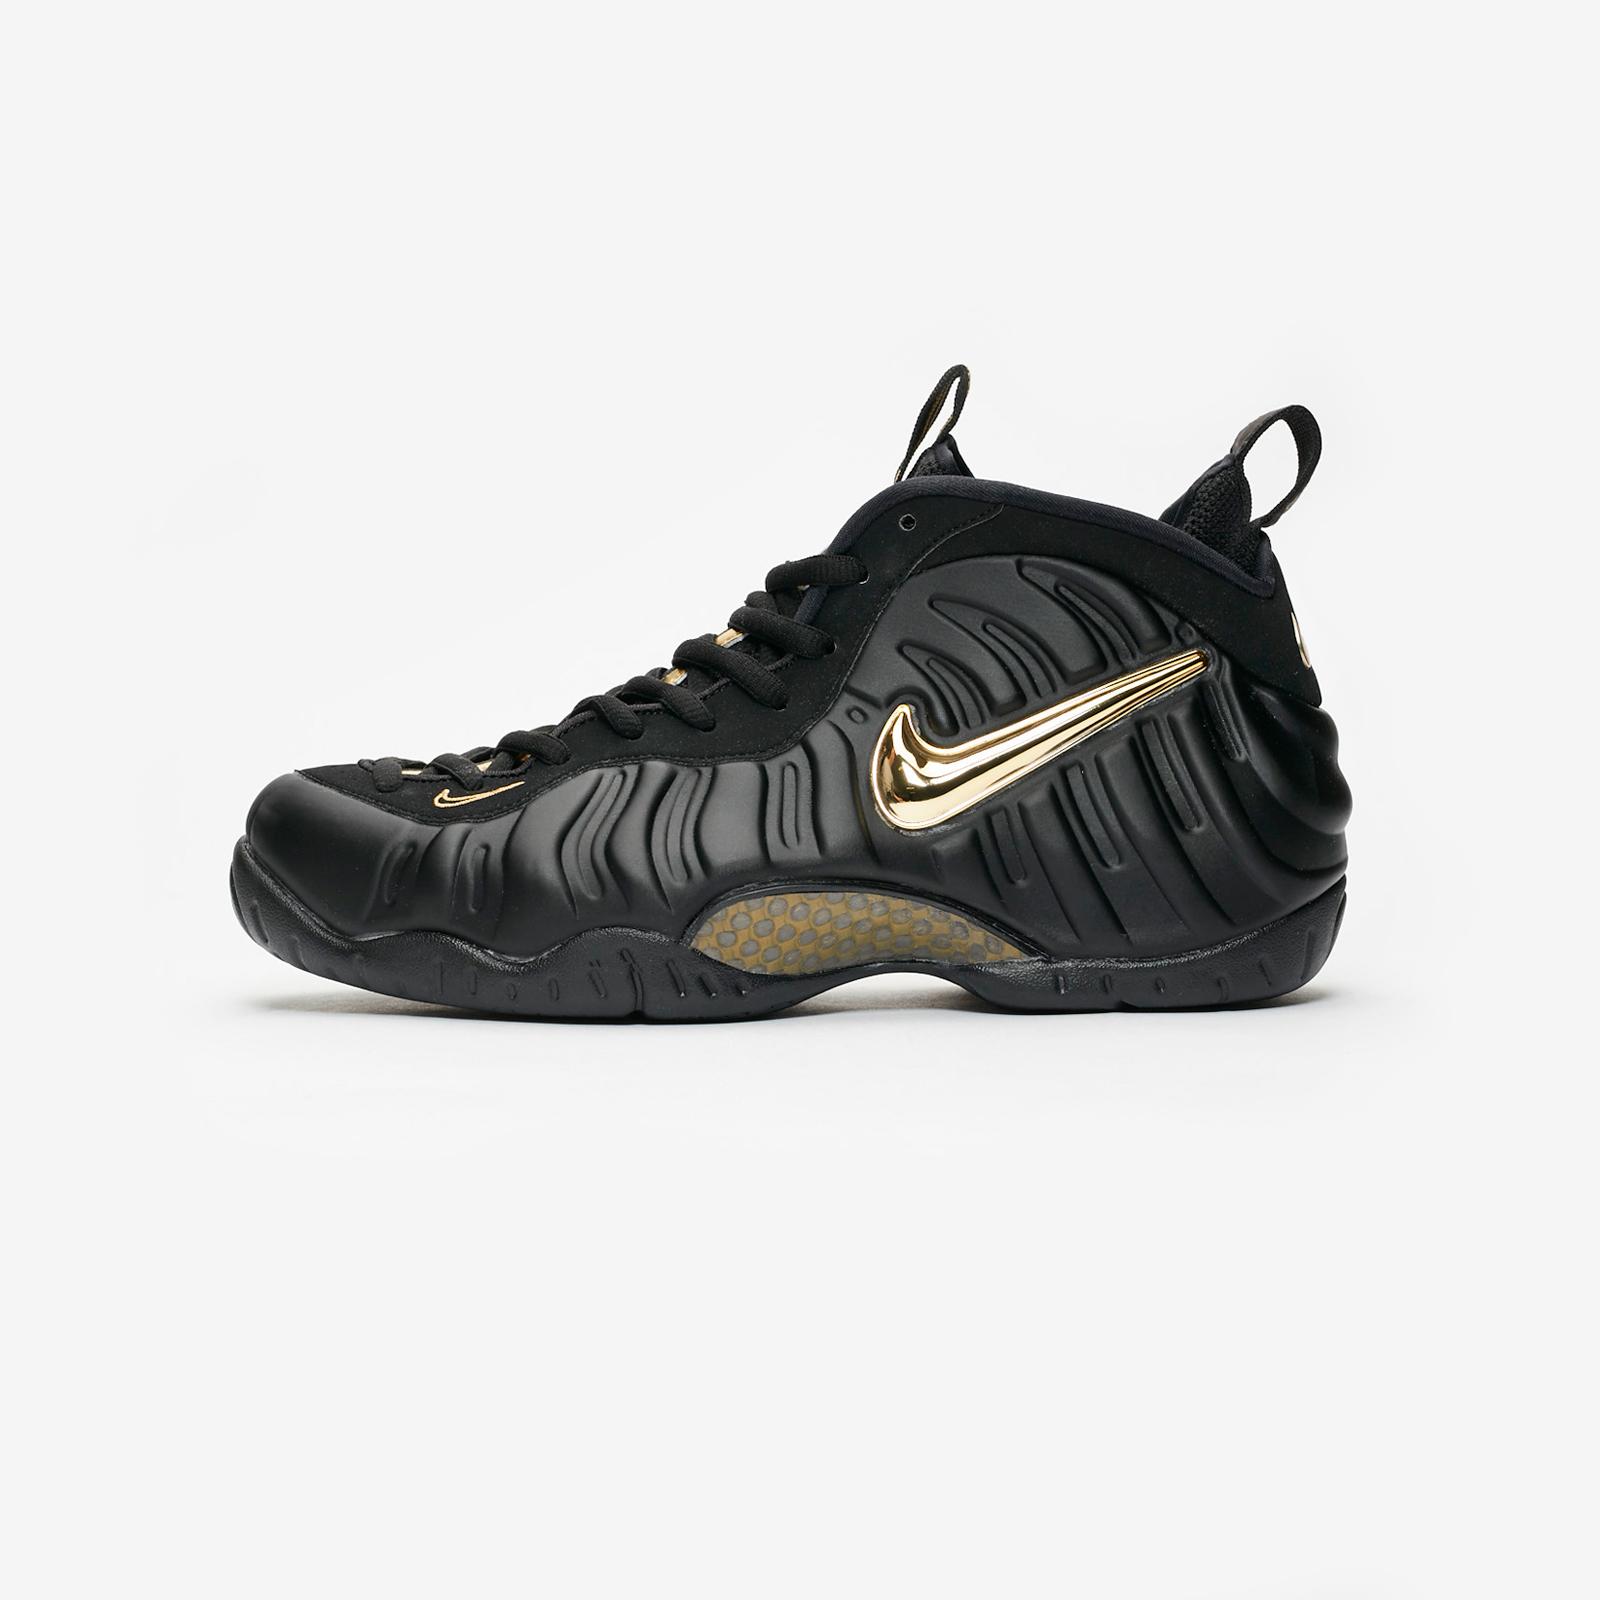 the latest 34edd d1739 Nike Air Foamposite Pro - 624041-009 - Sneakersnstuff   sneakers    streetwear online since 1999